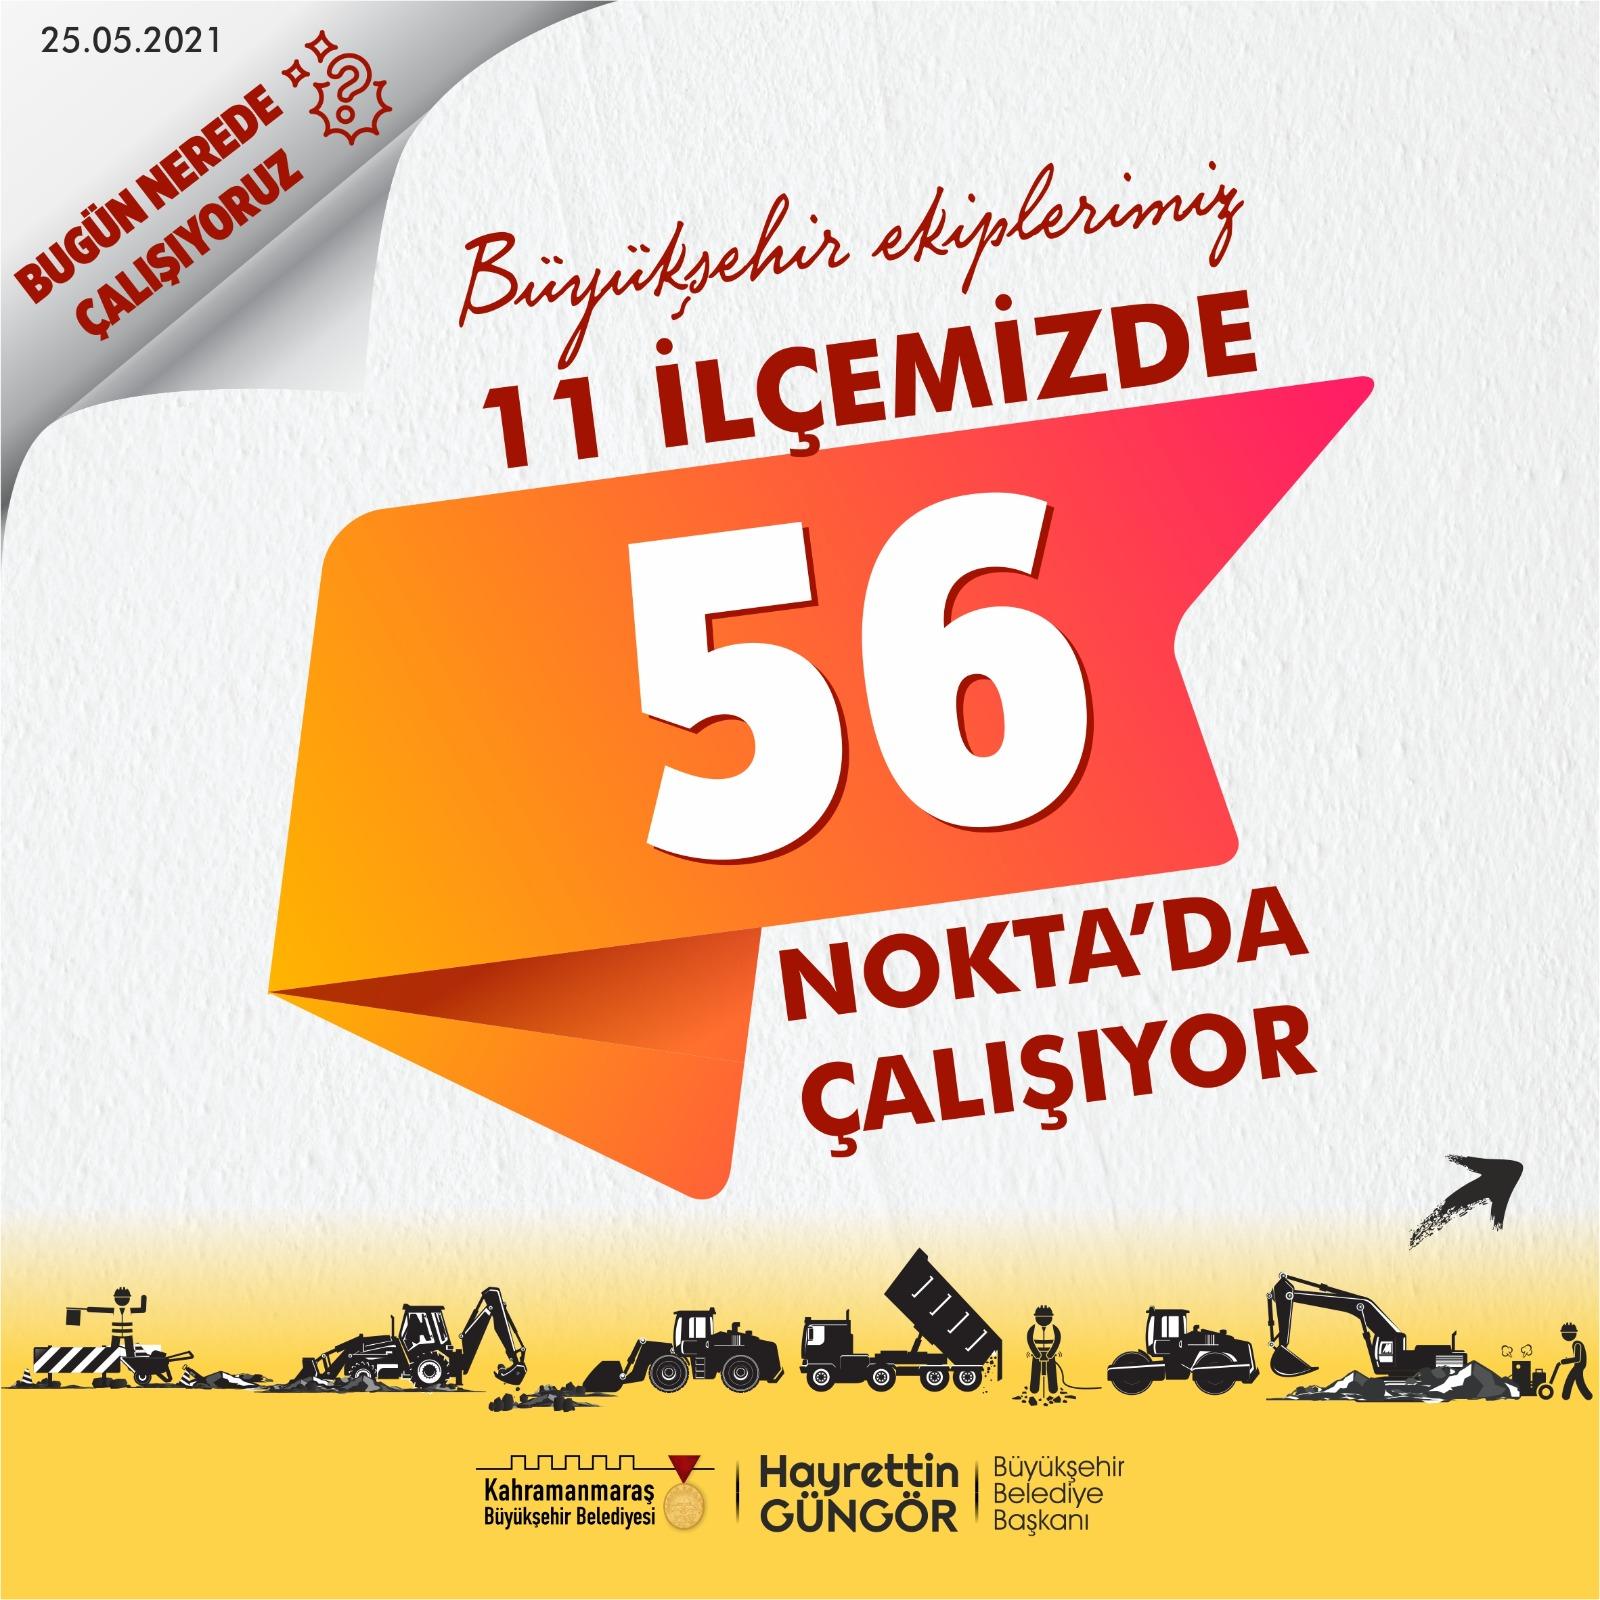 Kahramanmaraş Büyükşehir Belediyesi çalışma takvimini yayınladı